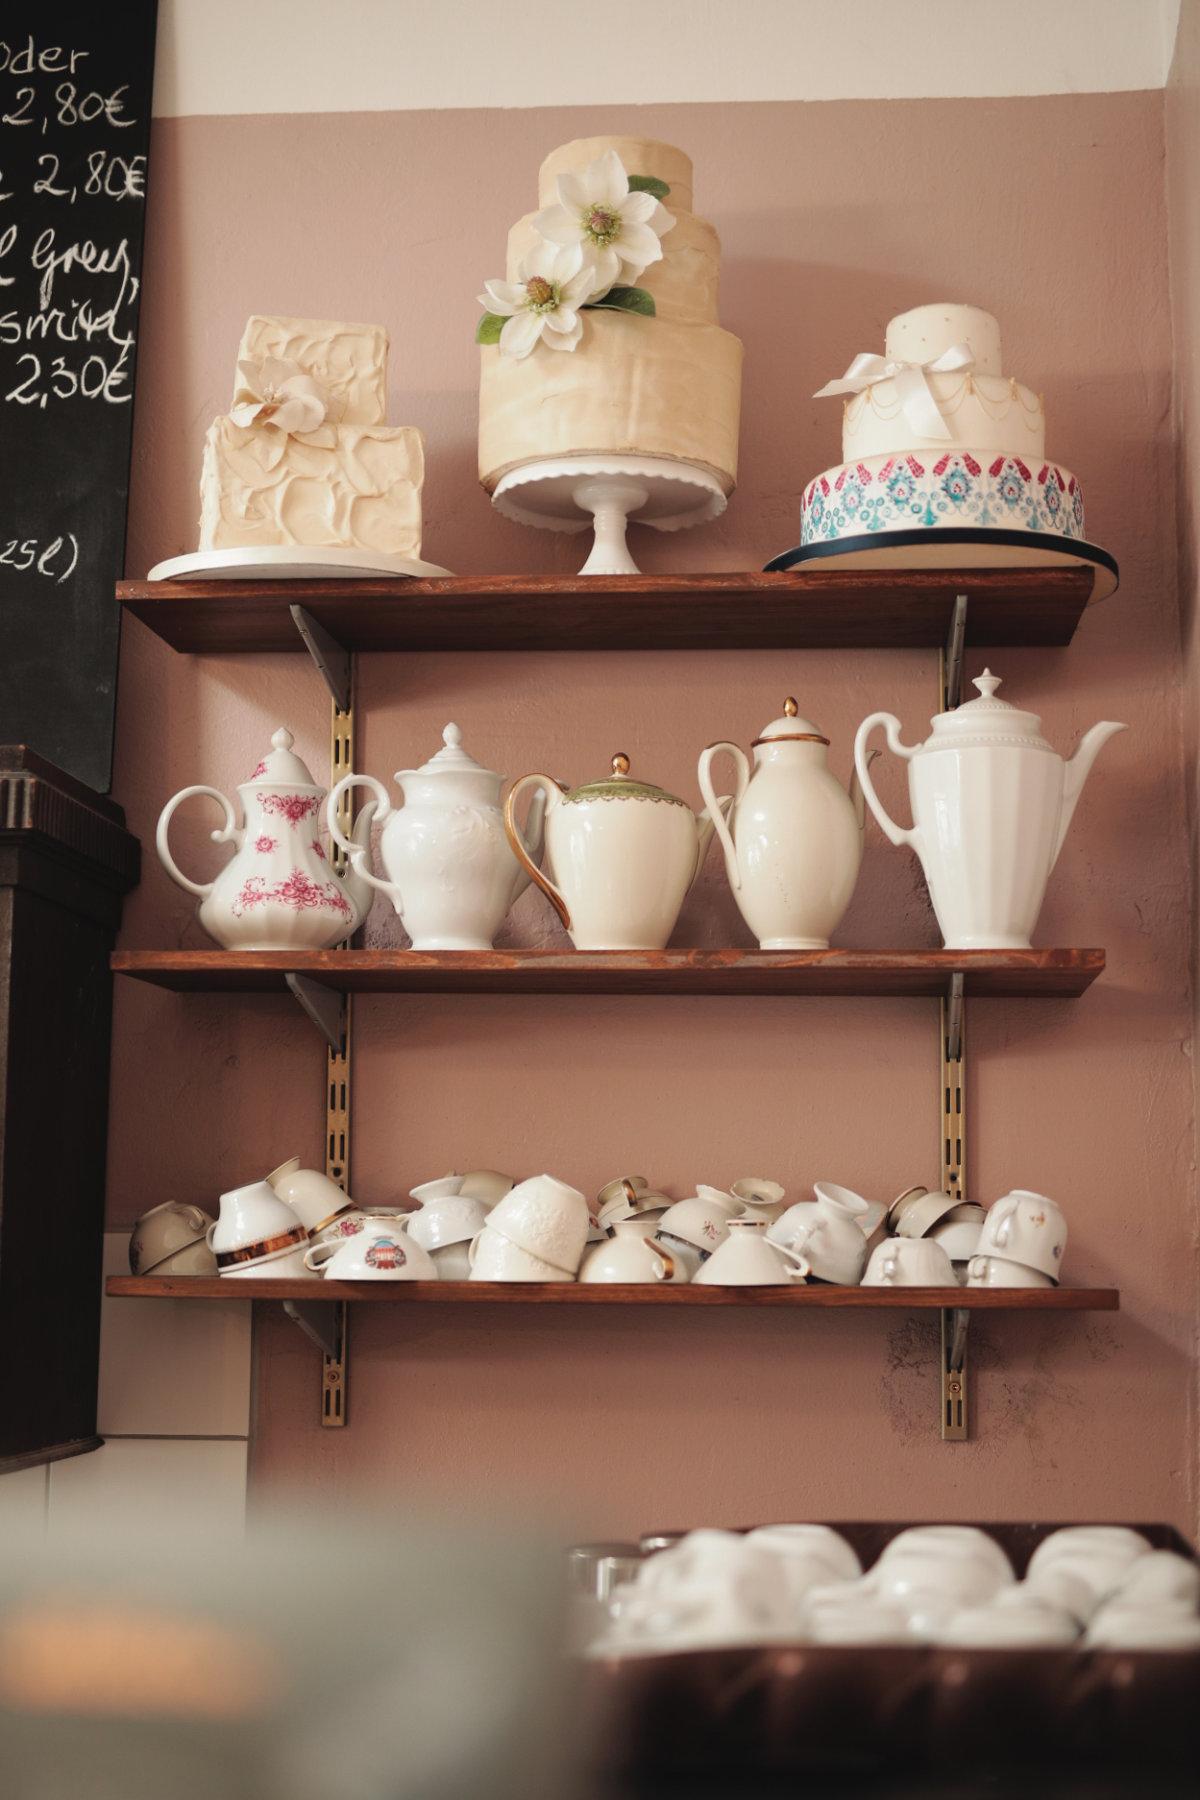 Kaffeekannen auf Holzregal.